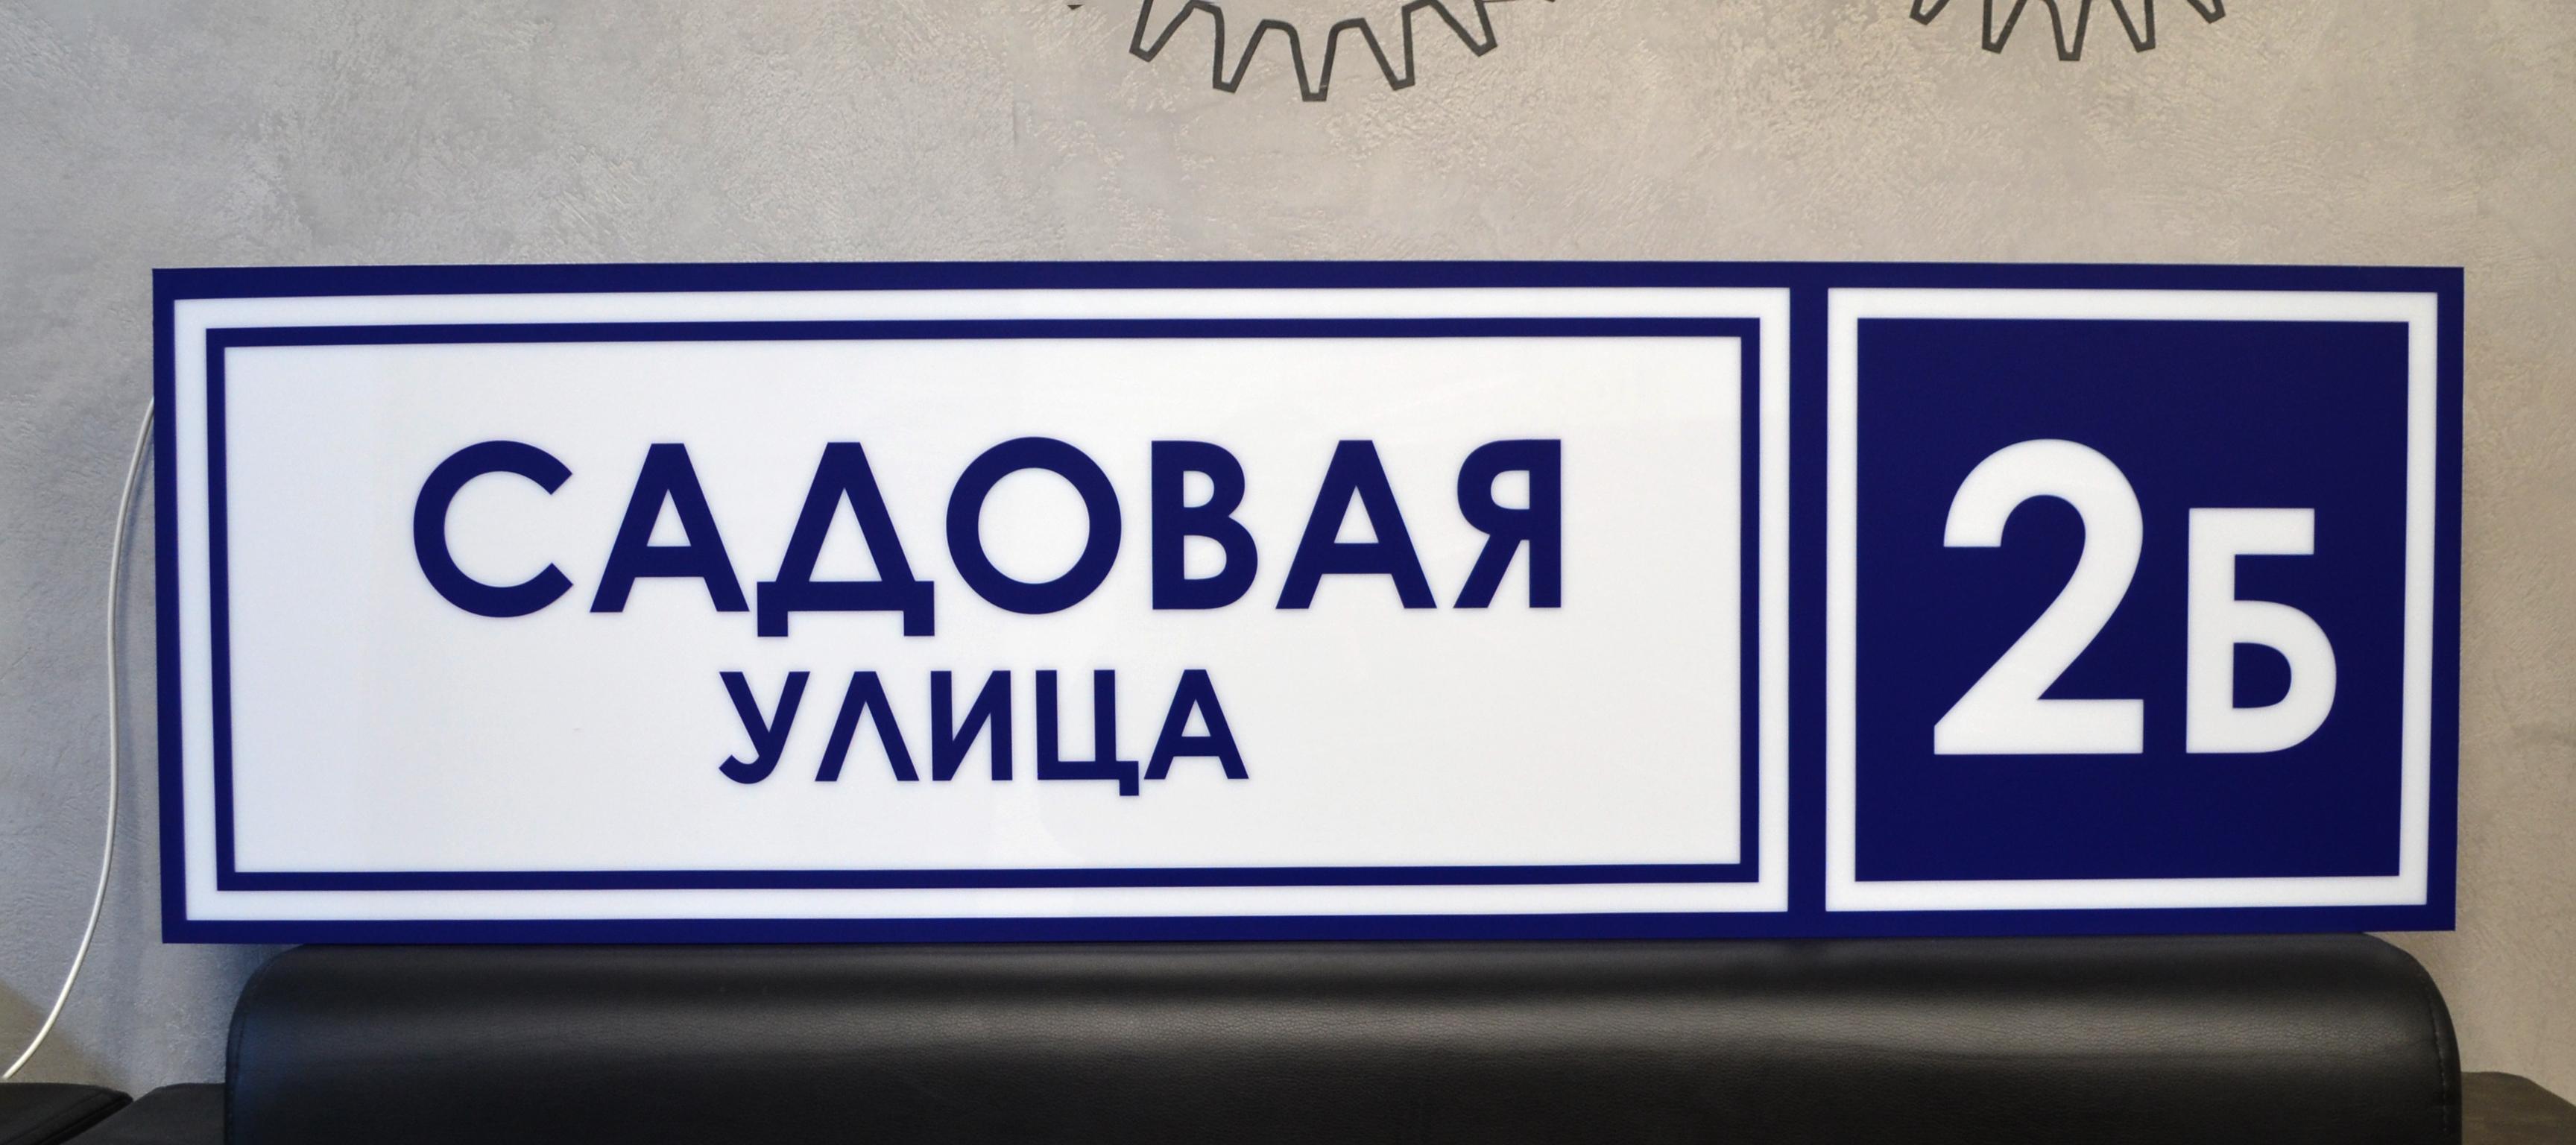 Уличный световой короб с указанием номера дома и улицы